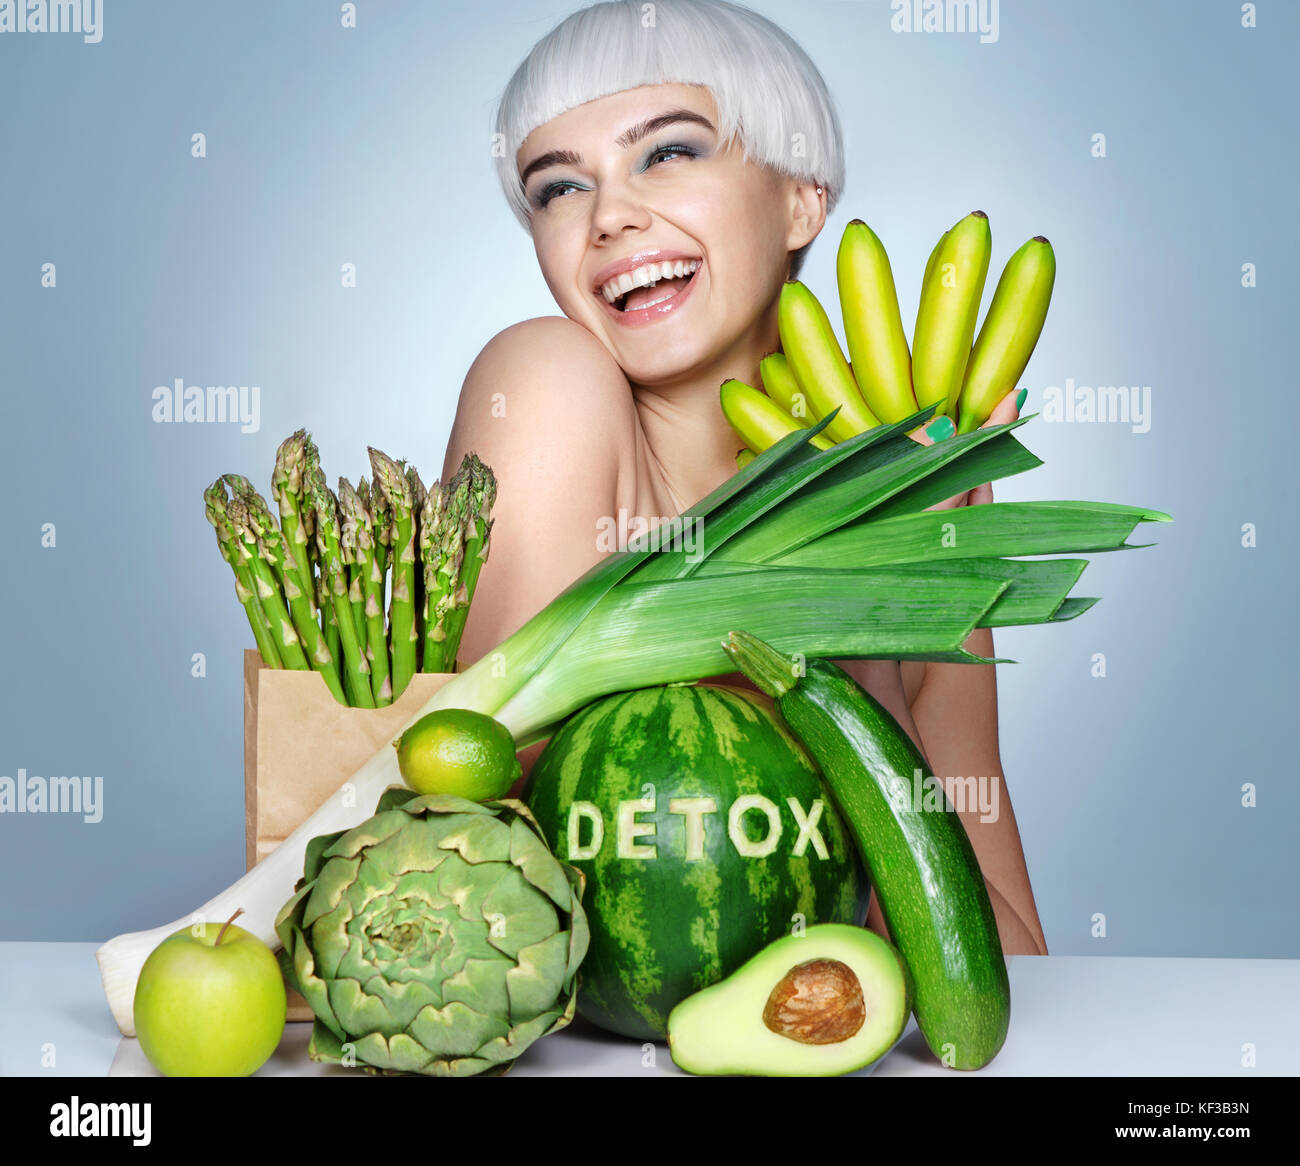 Glückliche junge Mädchen mit einer Fülle von Obst und Gemüse. Foto von lächelnden blonde Stockbild